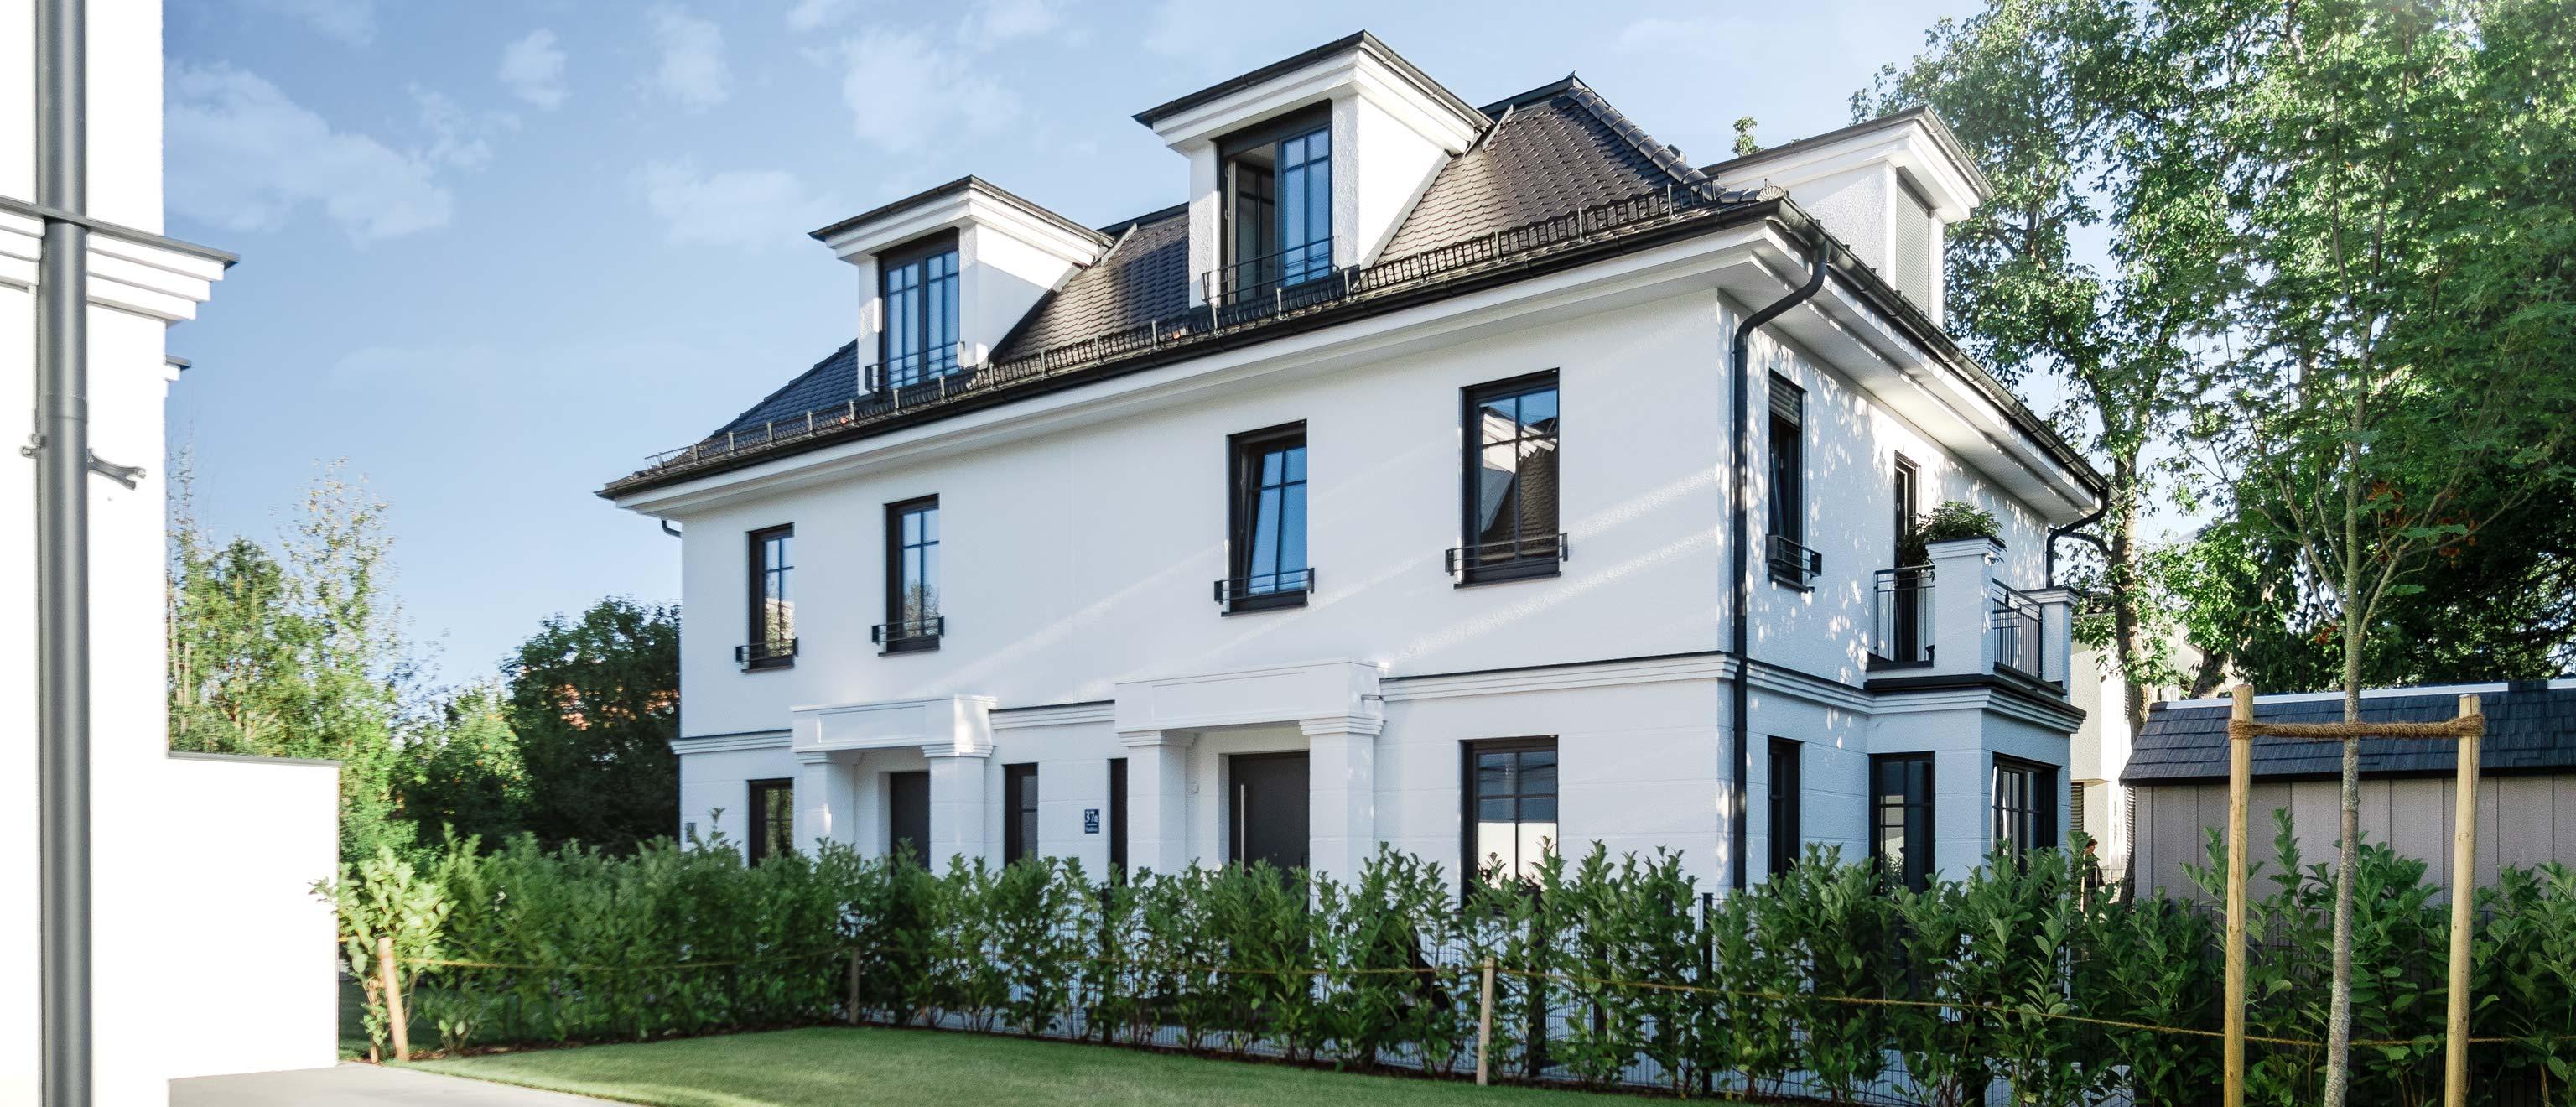 LEAN BAU Referenz | 2 Doppelhäuser mit Duplexgaragen | München